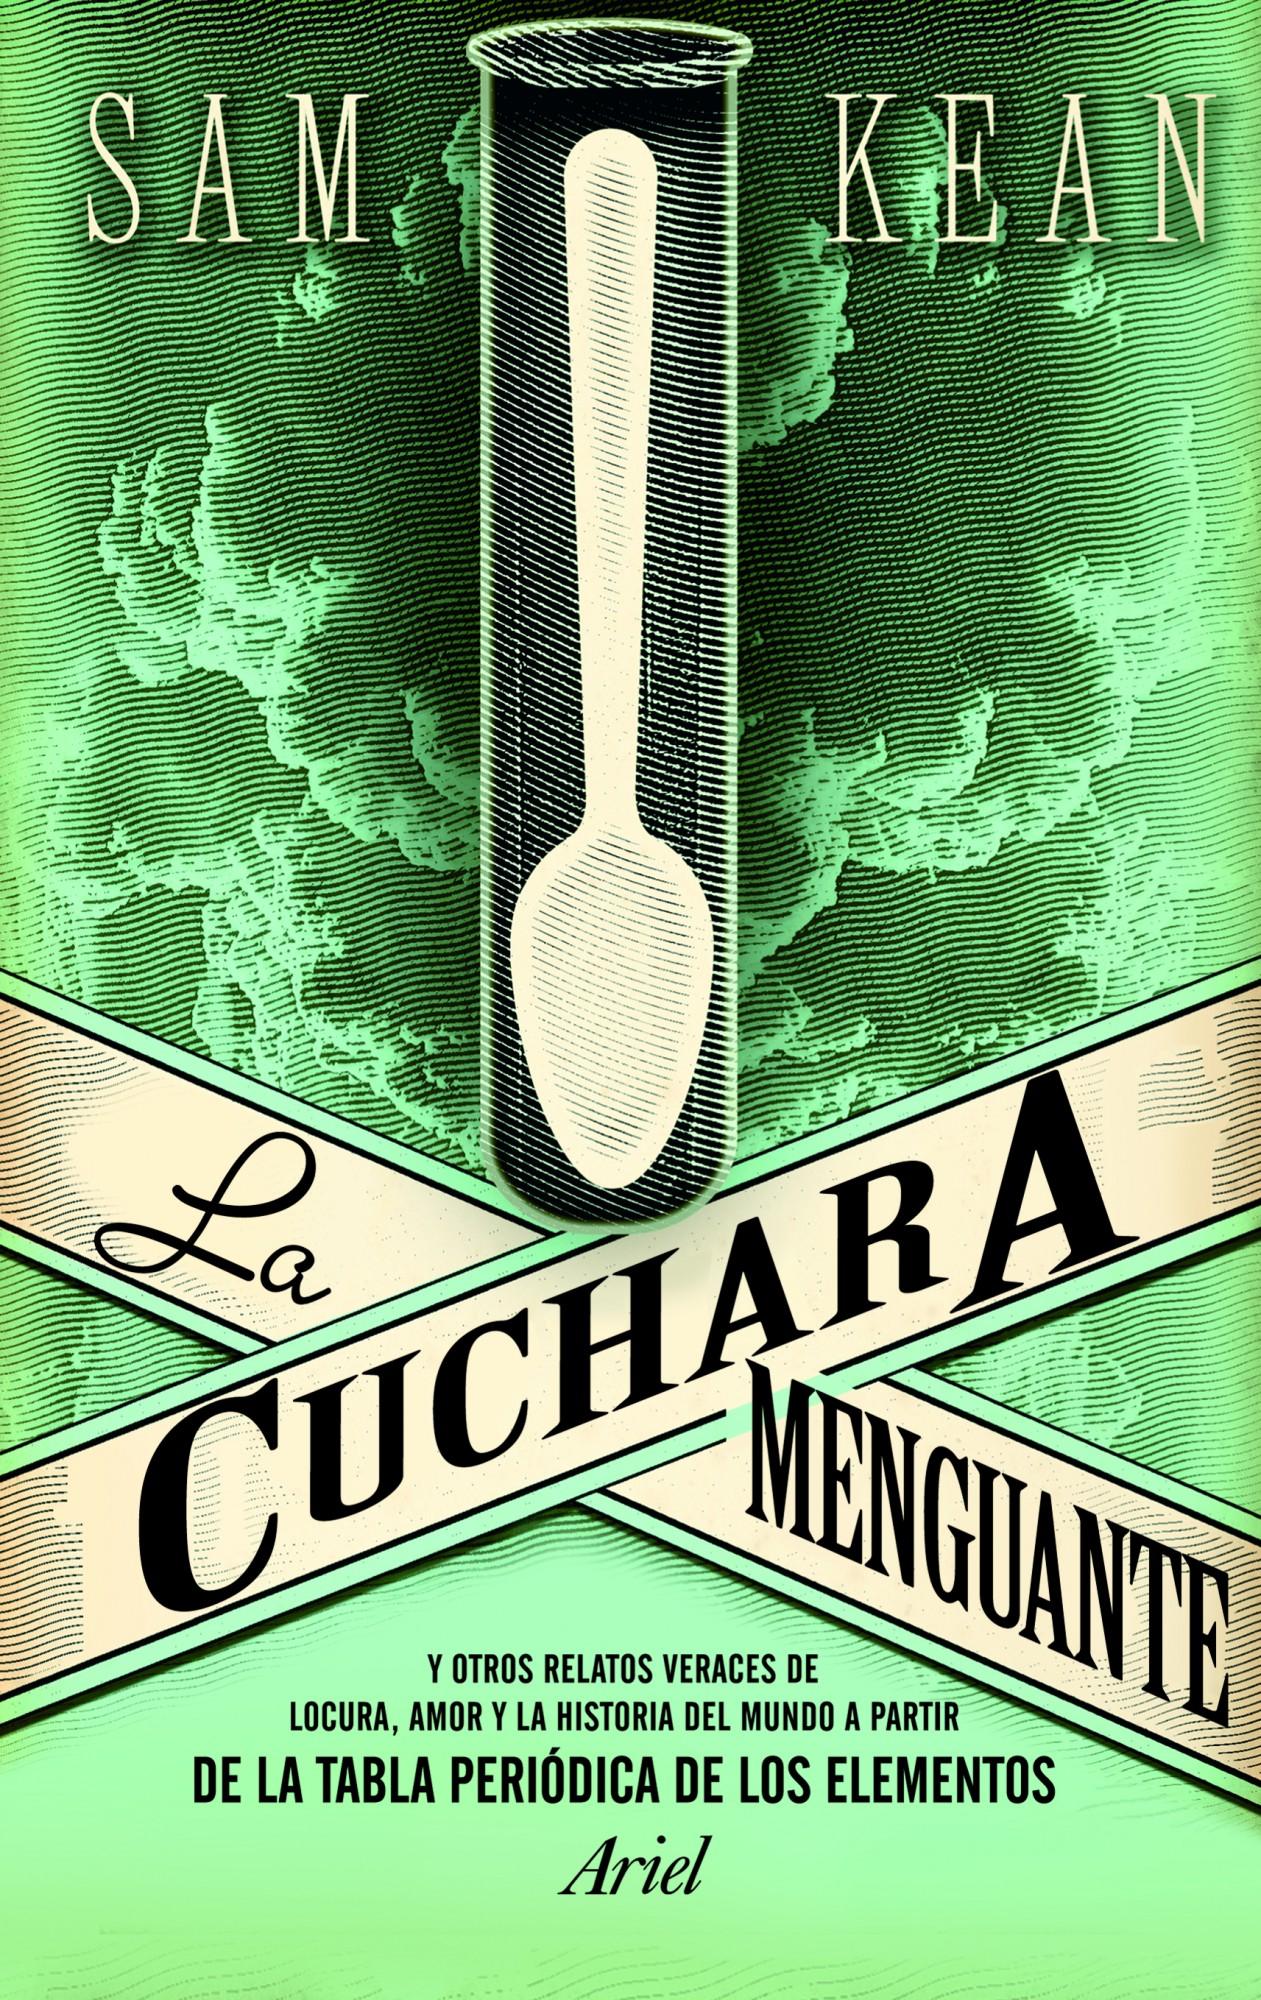 Reseas hdc la cuchara menguante hablando de ciencia la cuchara menguante urtaz Choice Image